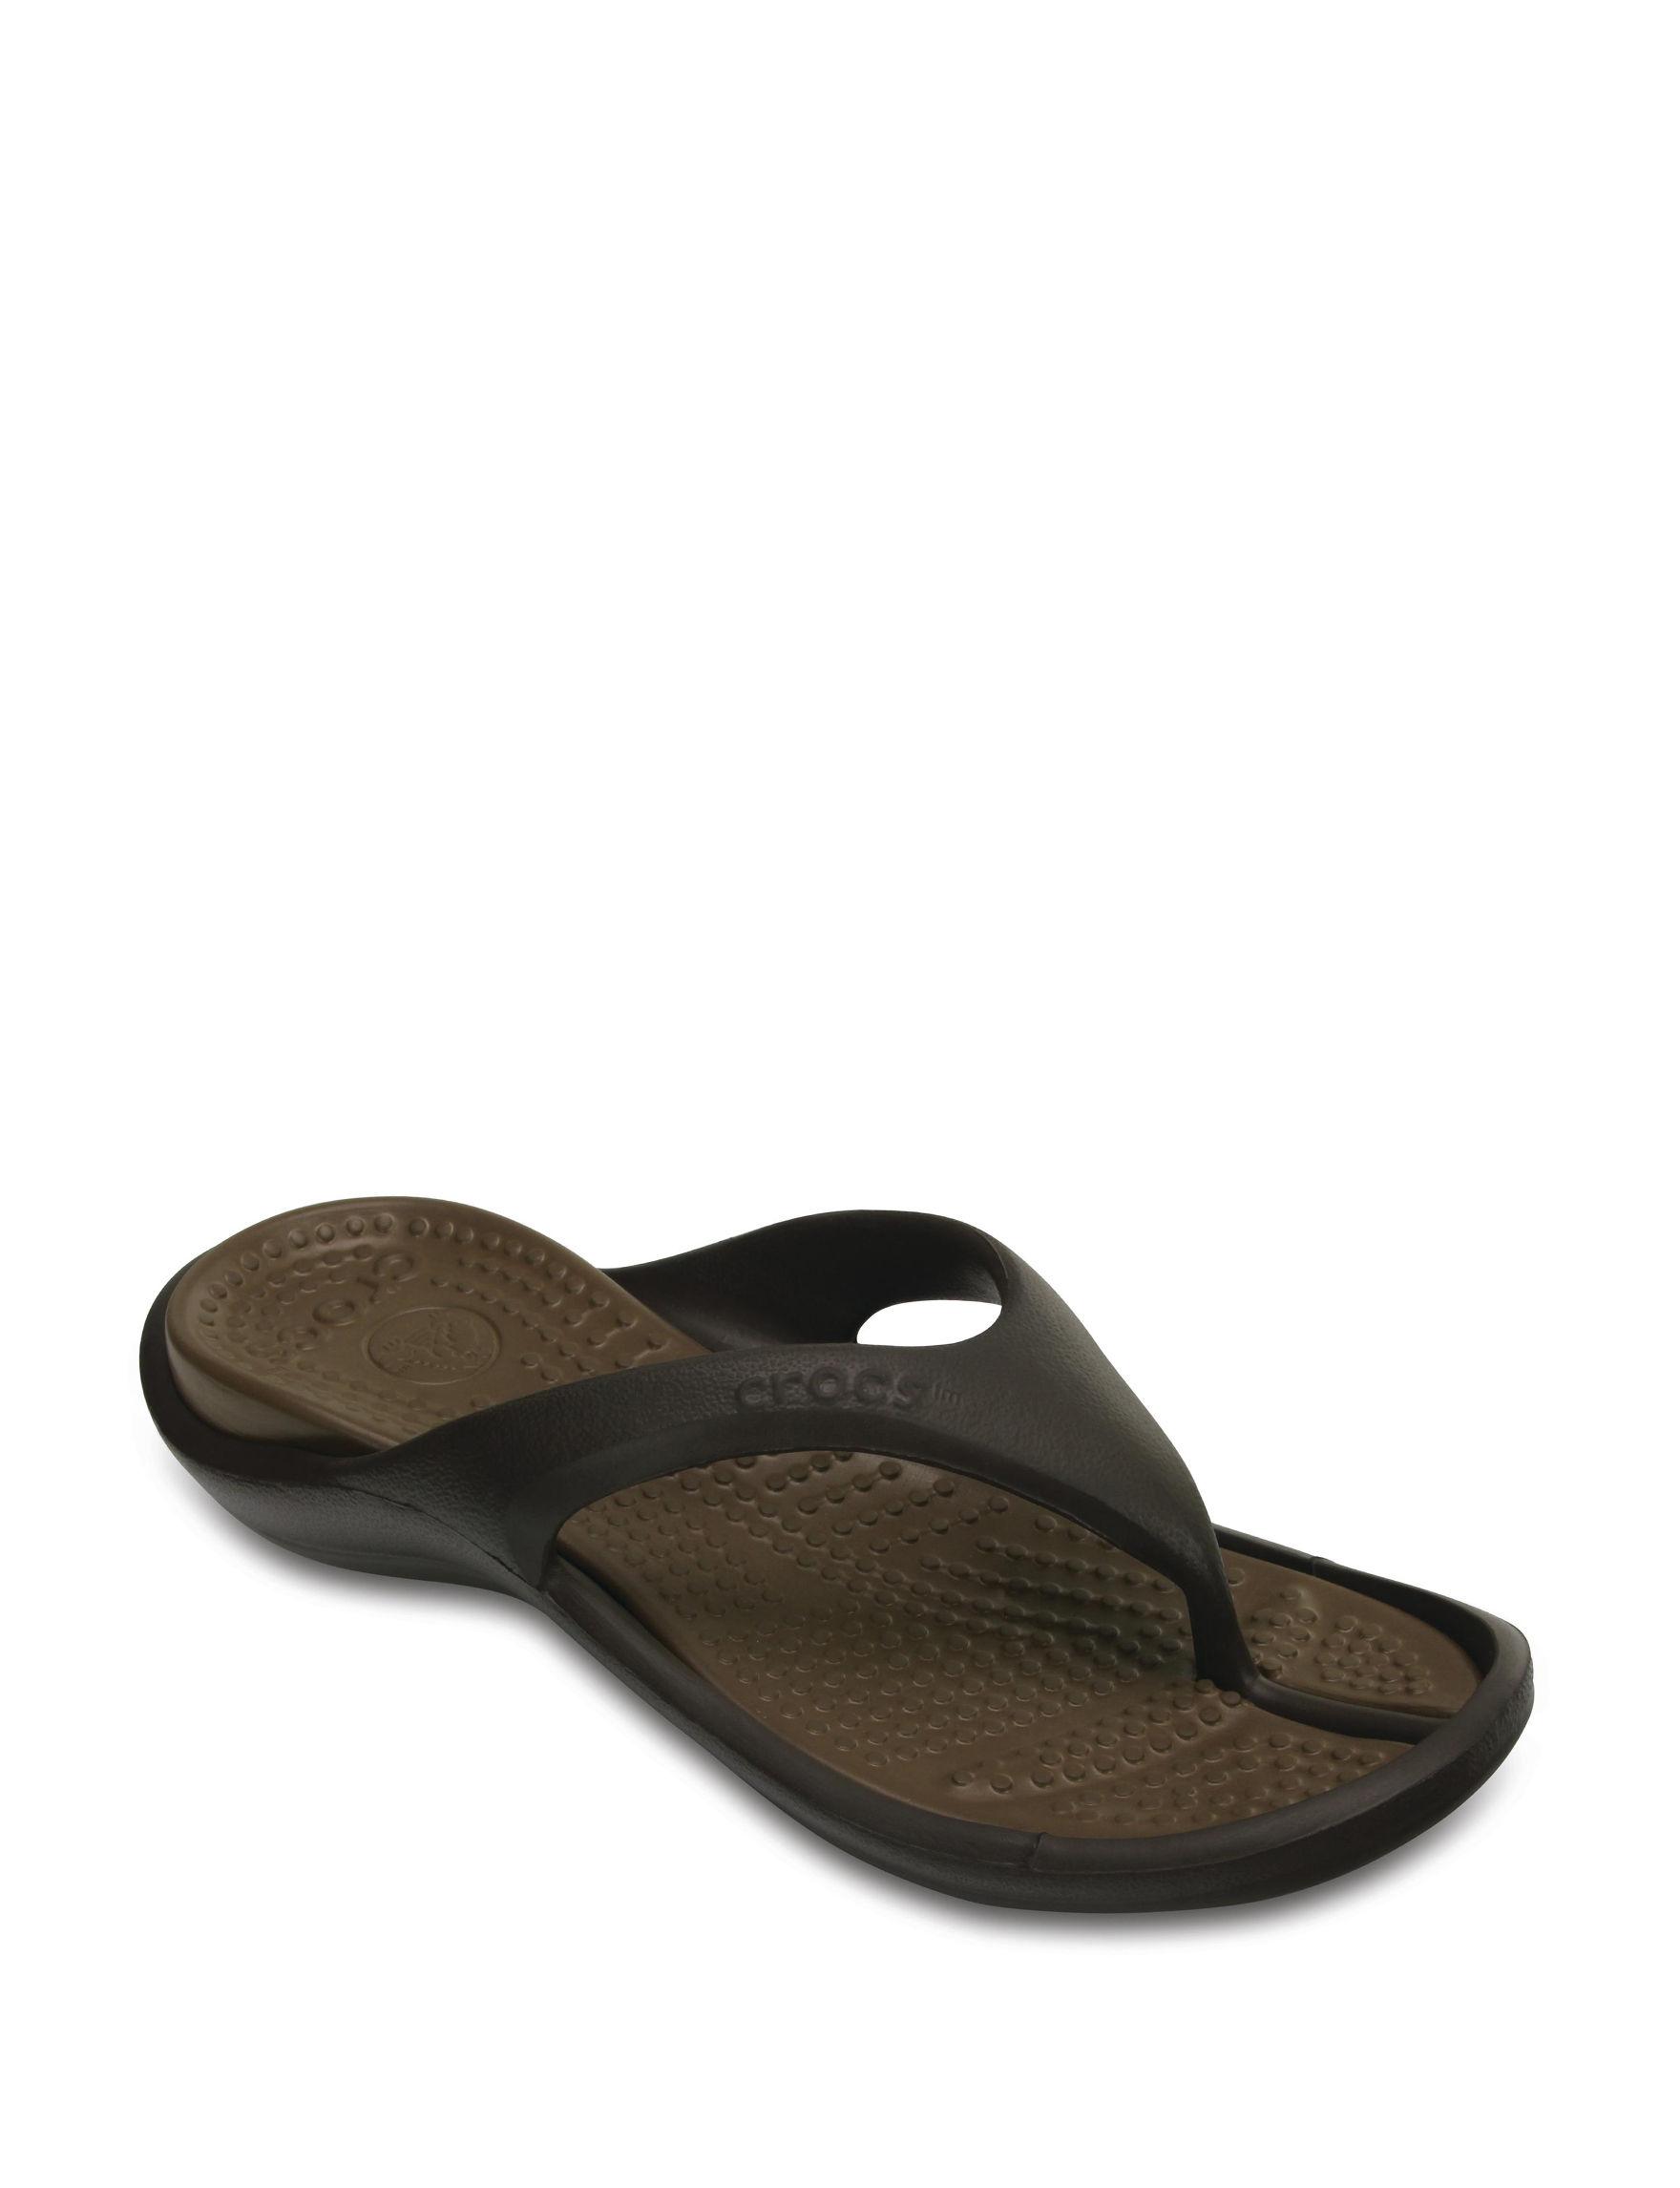 Crocs Dark Brown